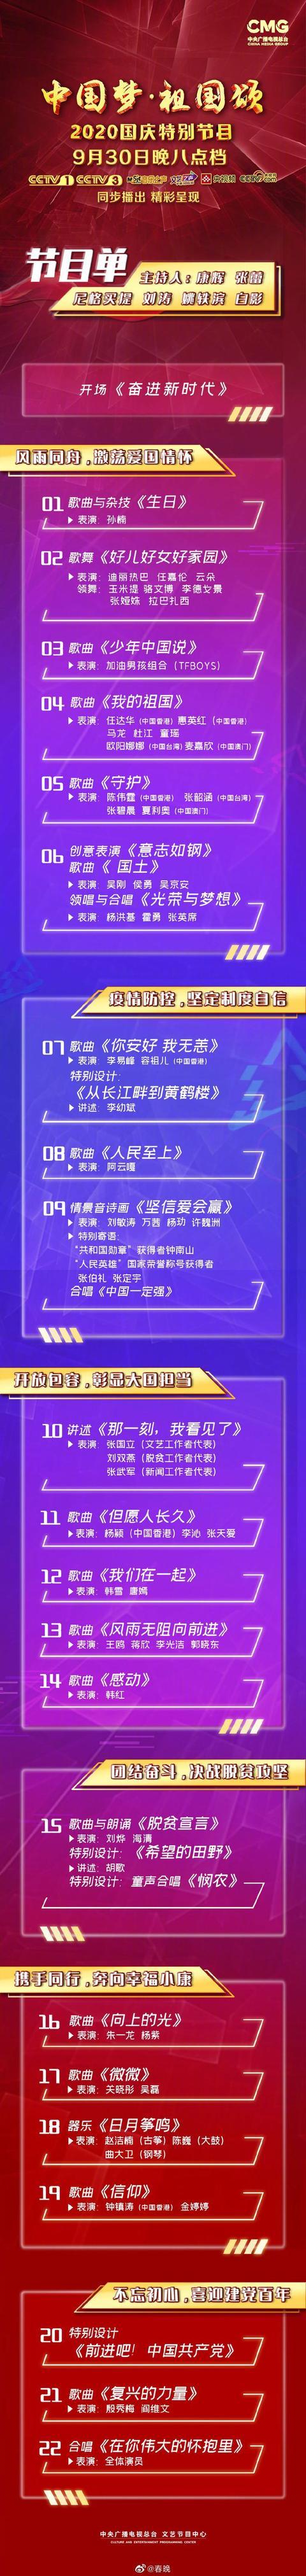 2020央视国庆晚会节目单完整版 播出时间+频道+明星阵容-第1张